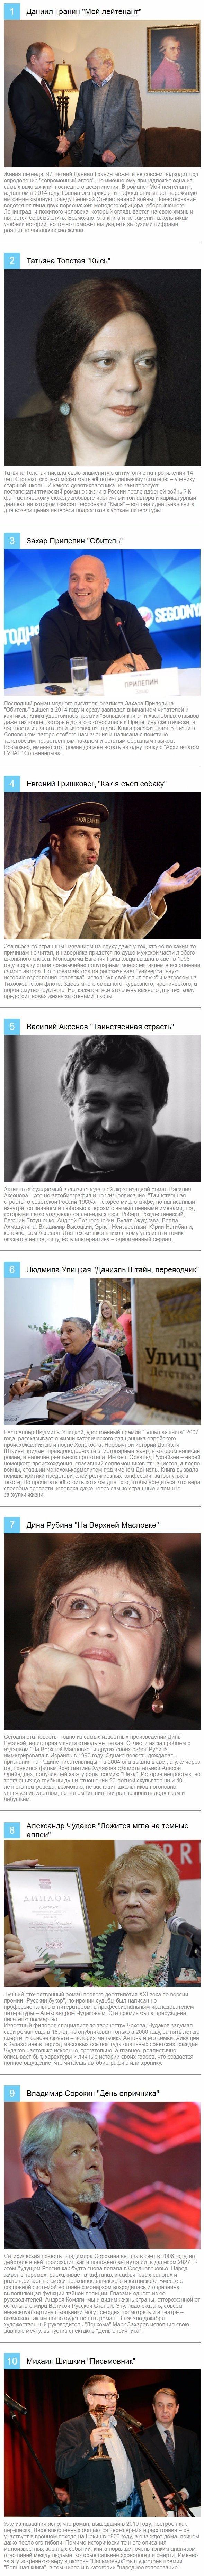 pravda-tv_2016-12-10_11-29-26